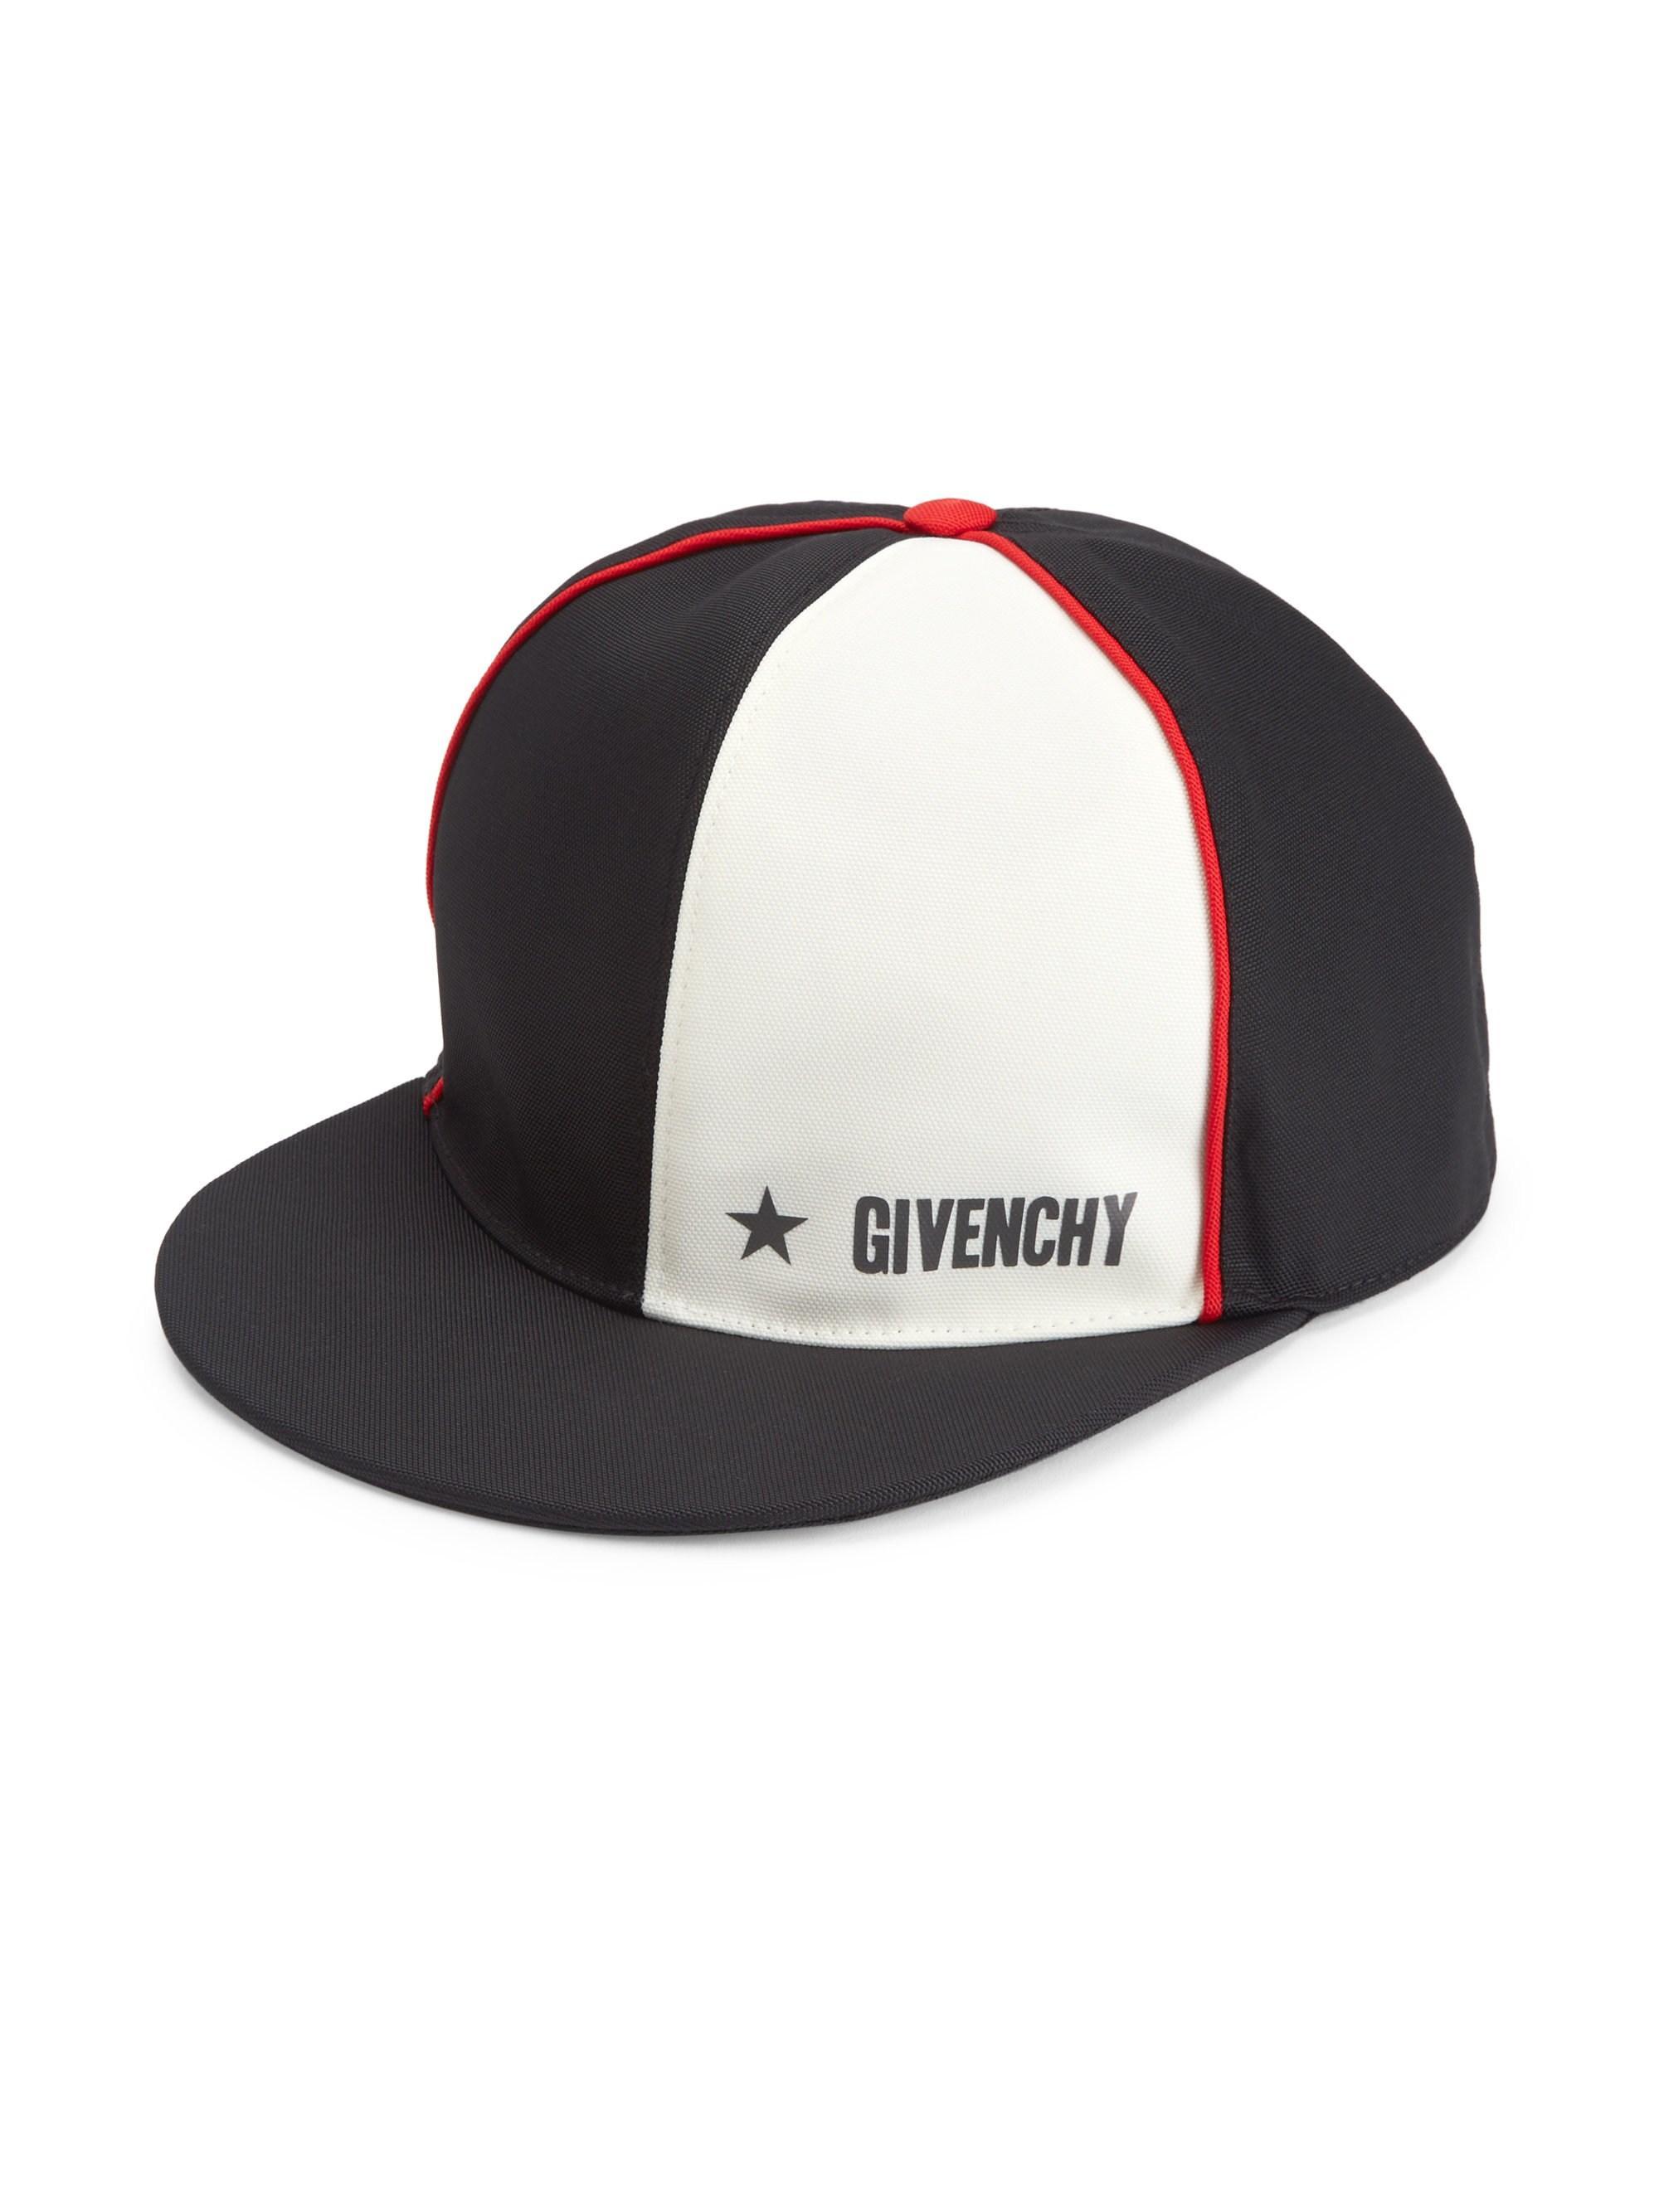 Givenchy - Men s Colorblock Baseball Cap - Black for Men - Lyst. View  fullscreen d5a0b2f4211e